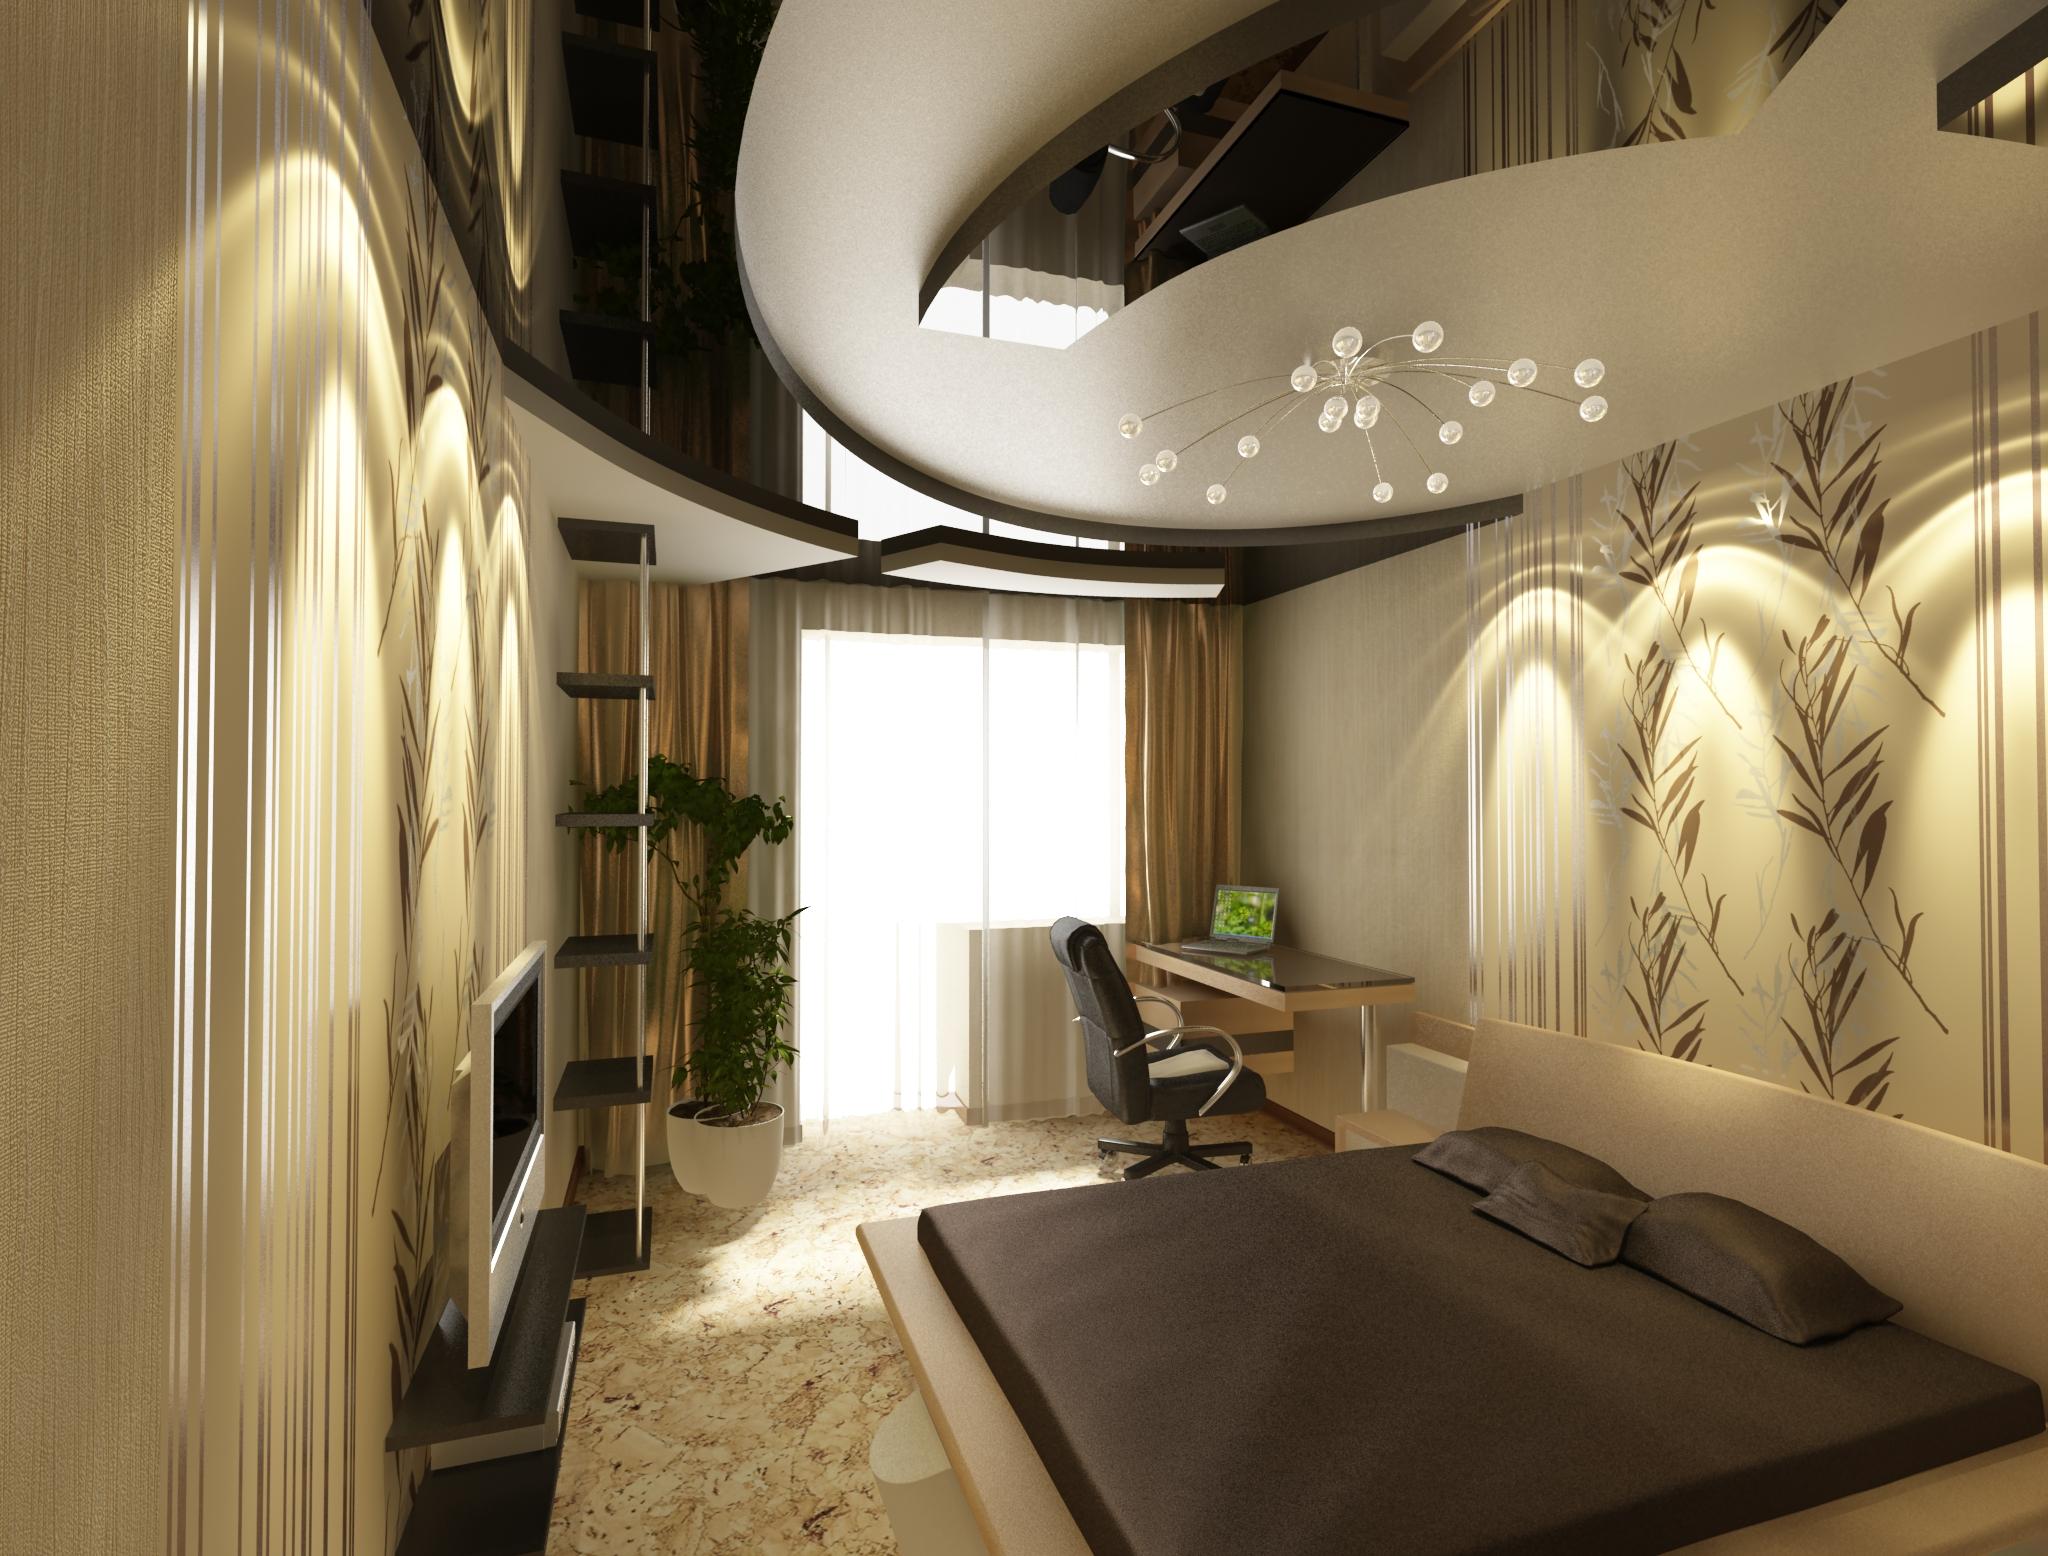 Дизайнерский ремонт спальни фото